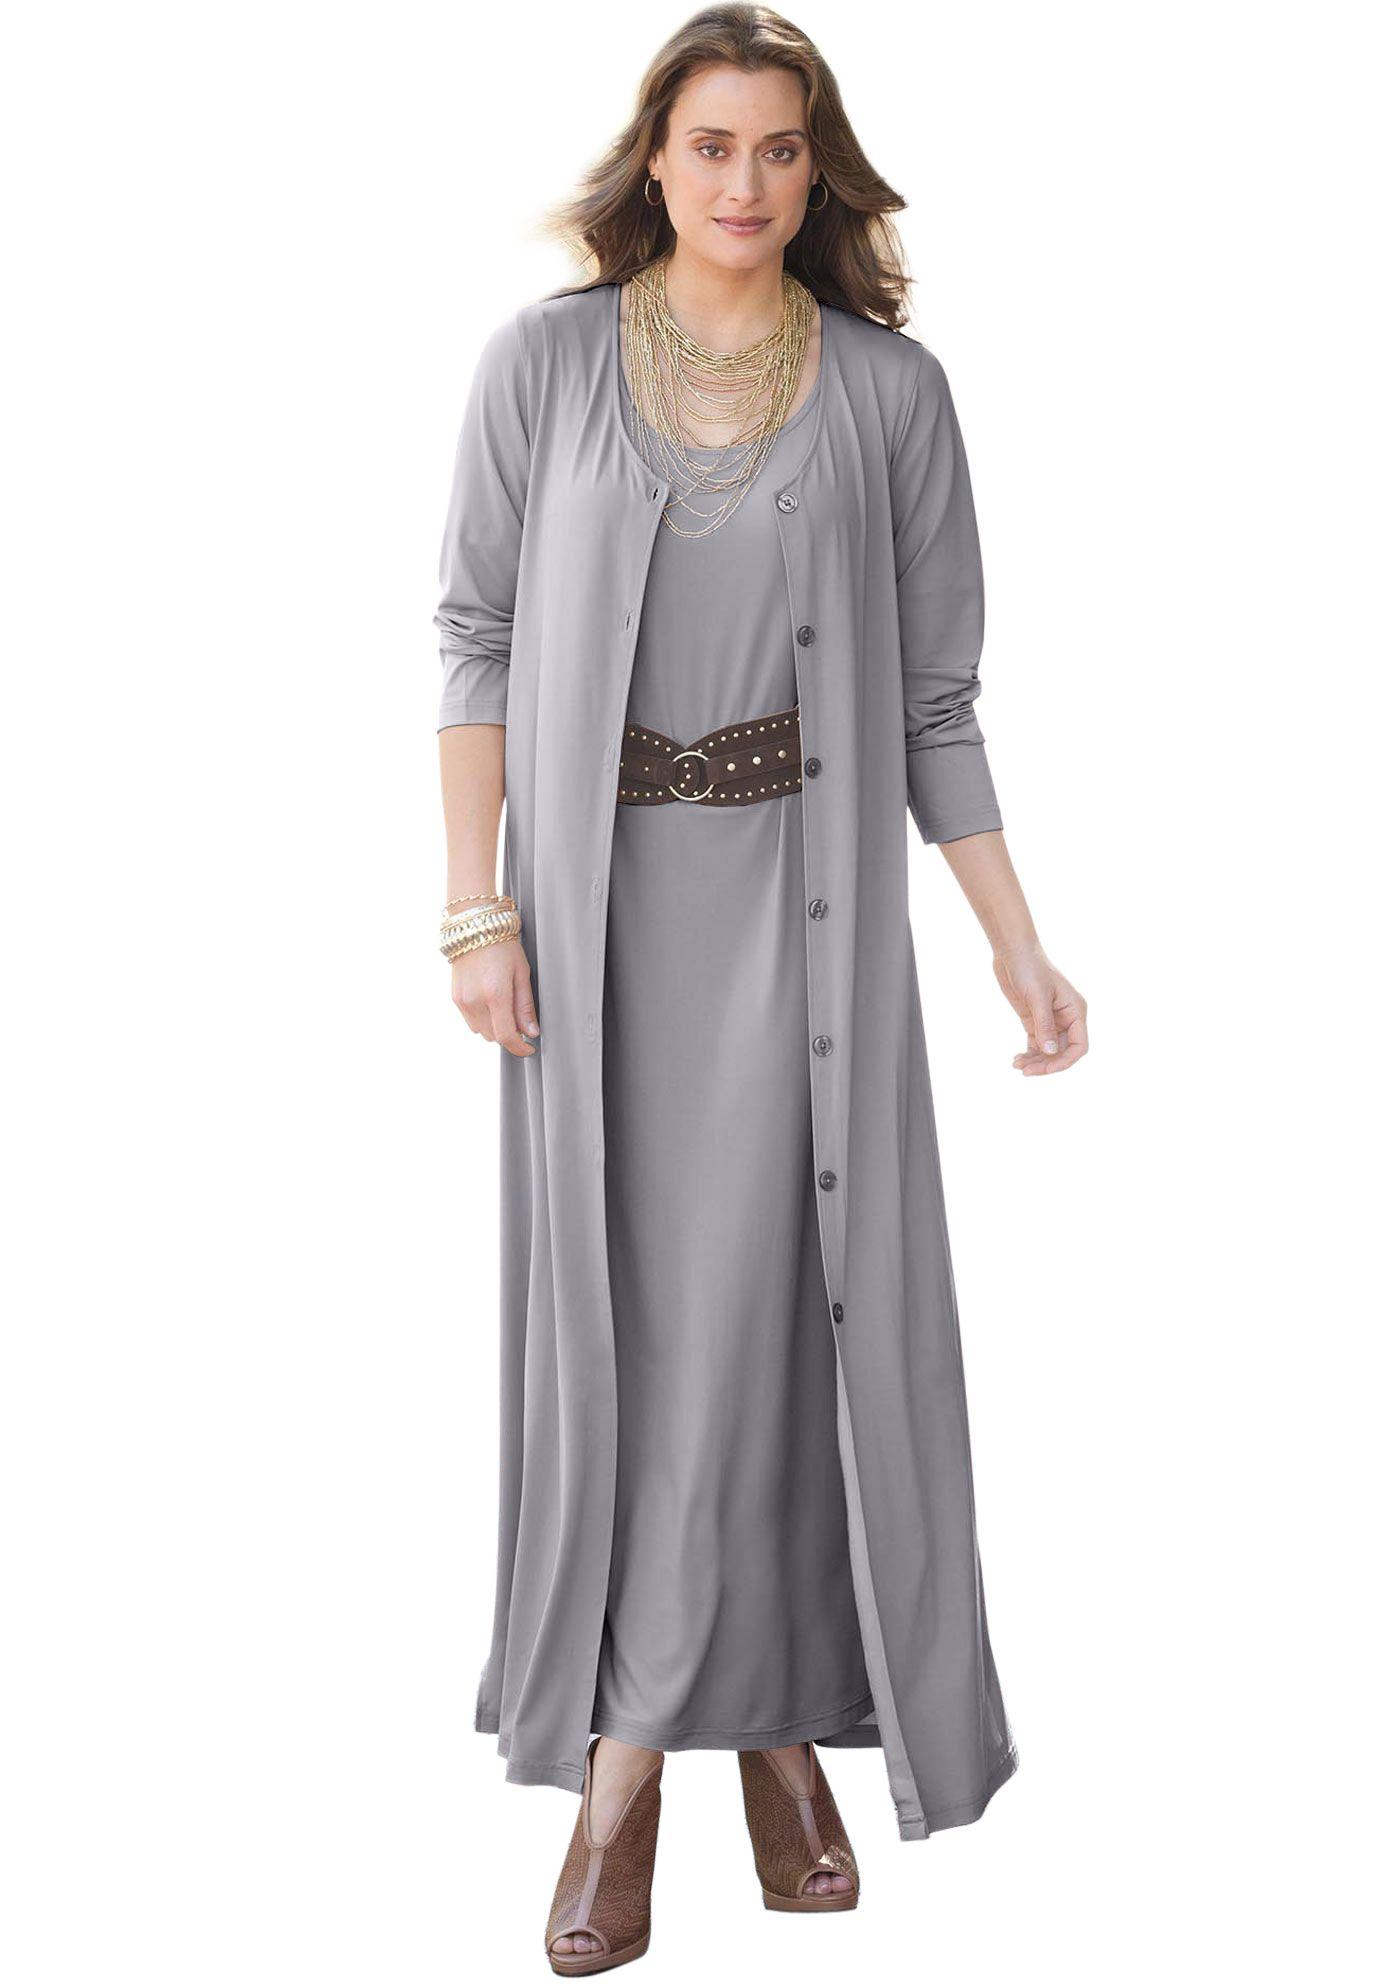 Plus Size Duster Set | Plus Size Suits & Sets | Jessica London | GET ...